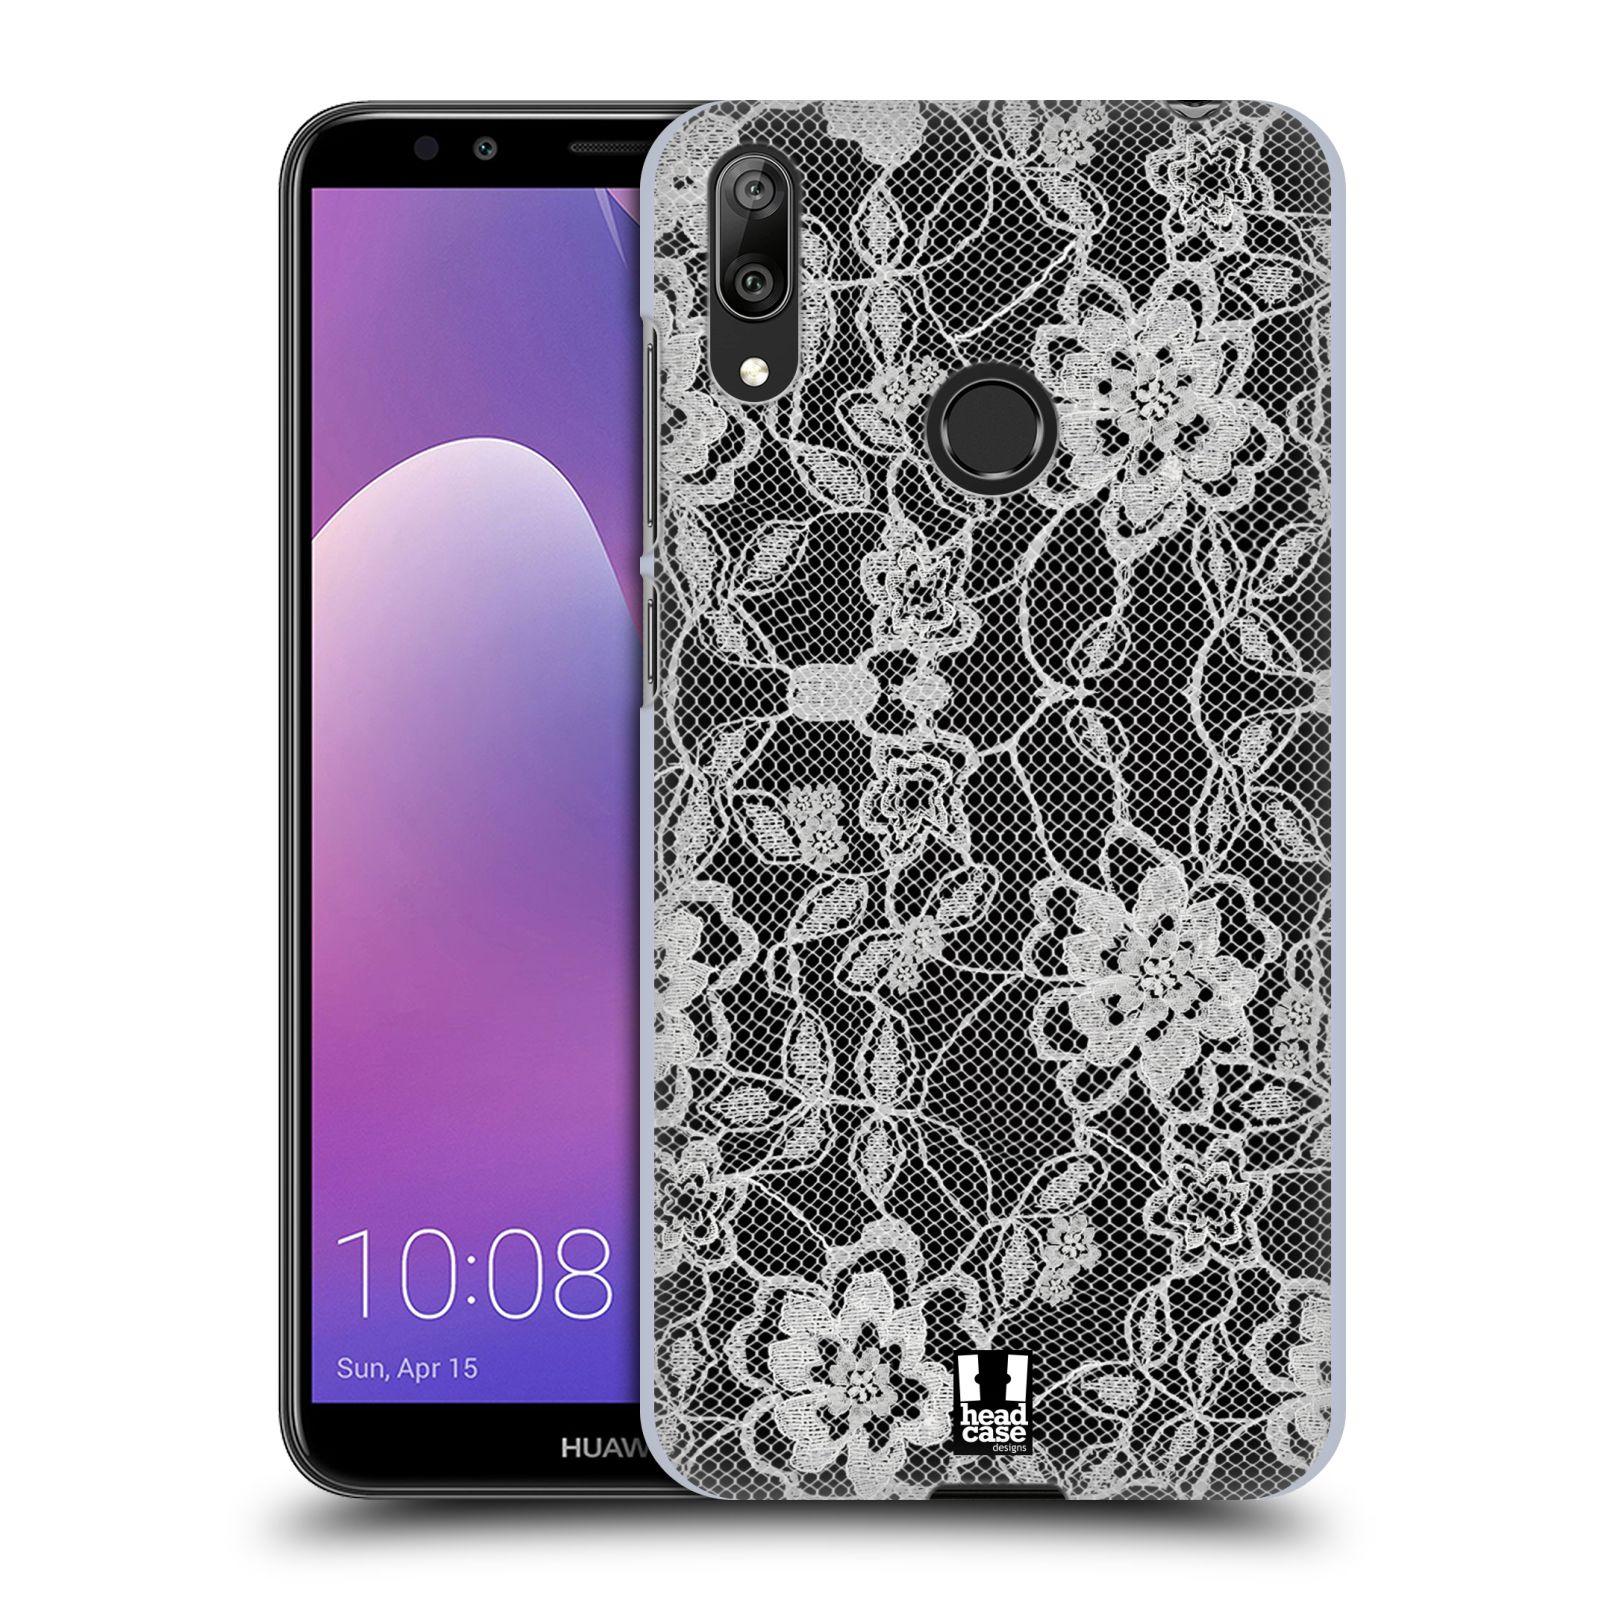 Plastové pouzdro na mobil Huawei Y7 (2019) - Head Case - FLOWERY KRAJKA